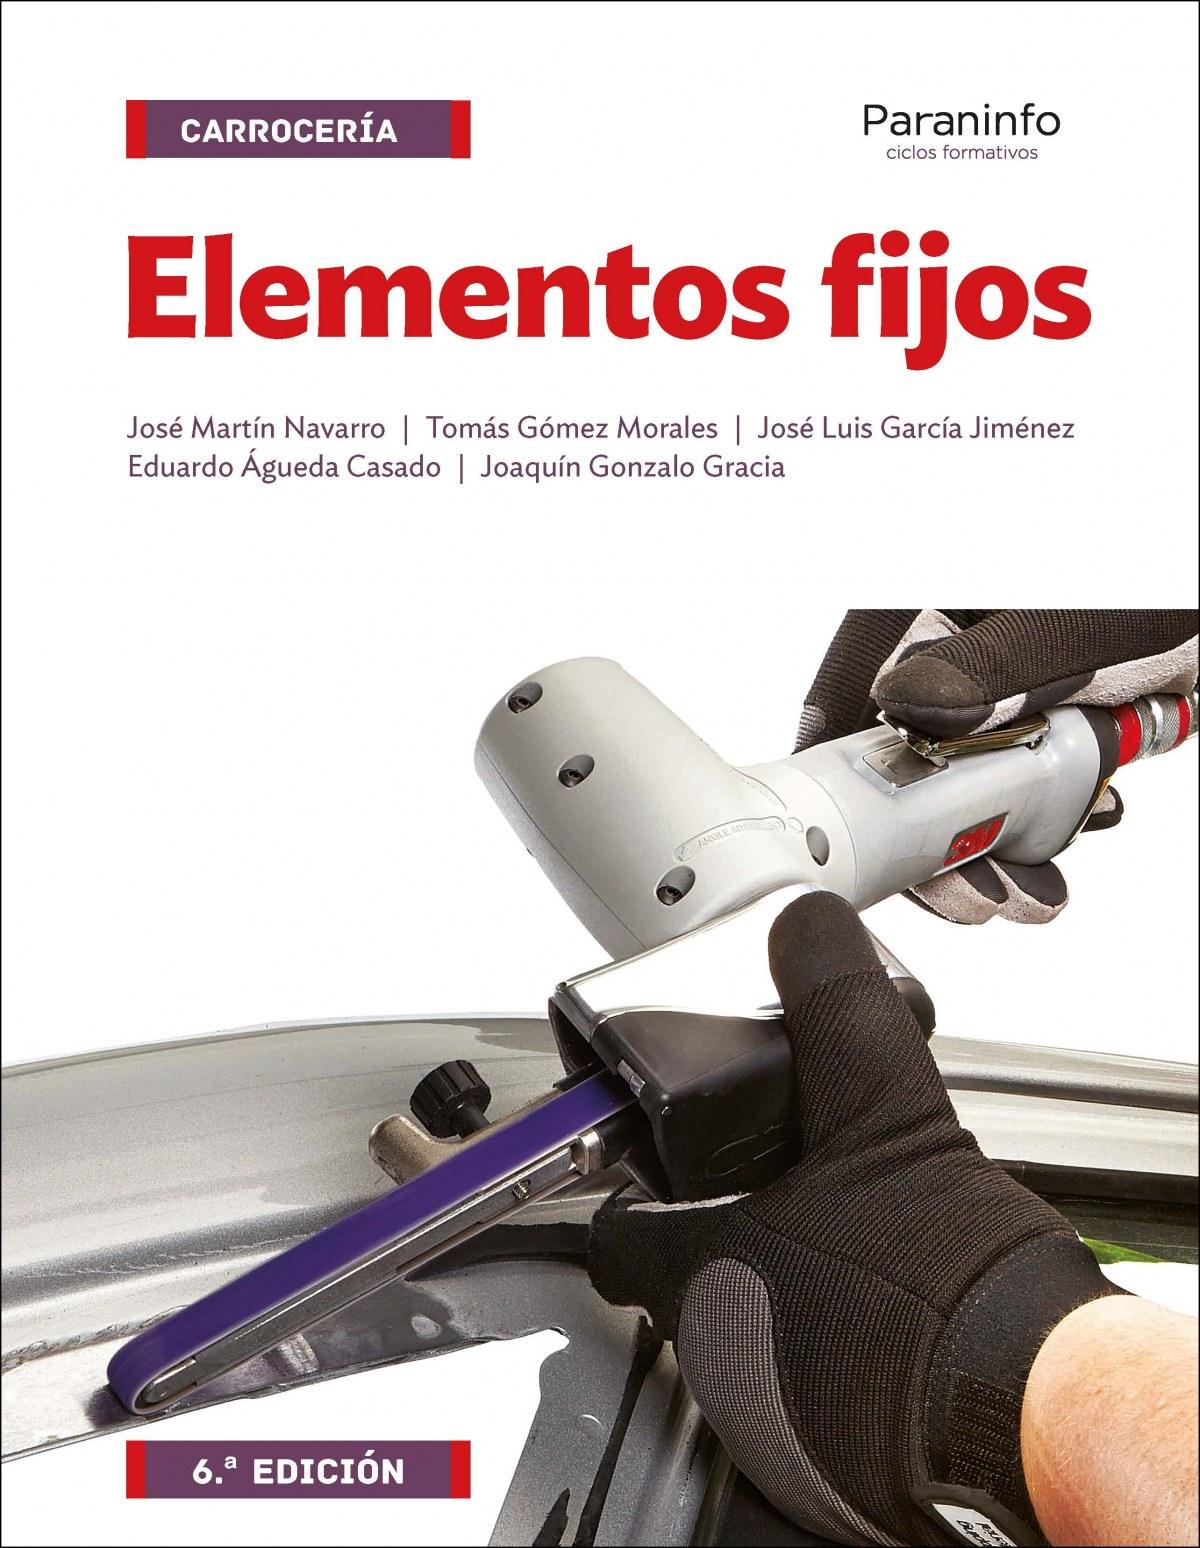 elementos fijos carrocería ciclos formativos 2016 - Aa.Vv.